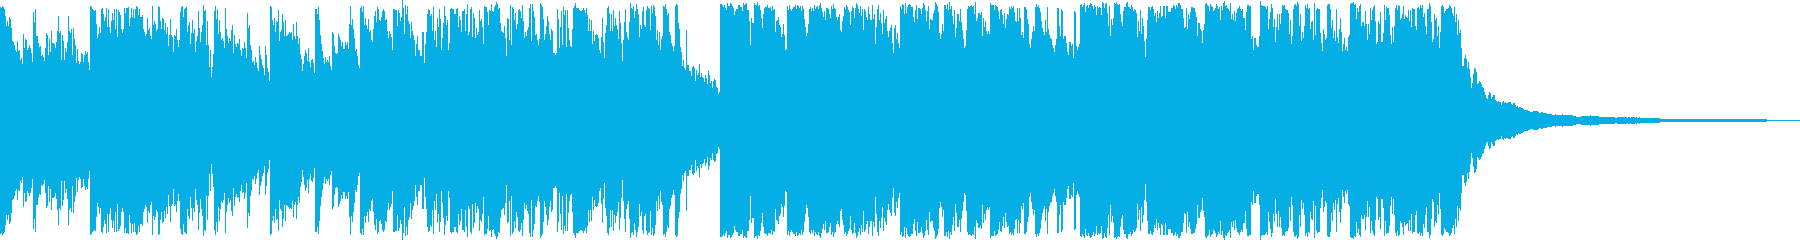 ドラマやストーリー向けPR音楽の再生済みの波形